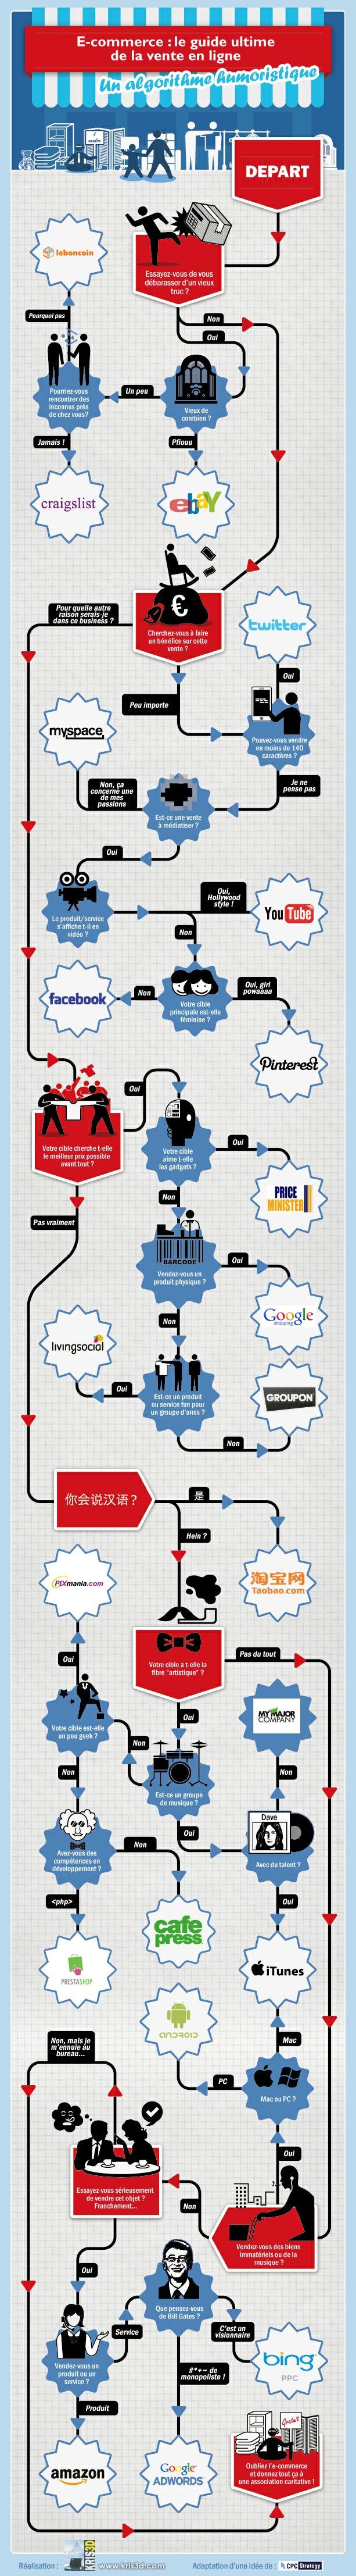 [infographie] #ecommerce, le guide ultime pour vendre sur internet